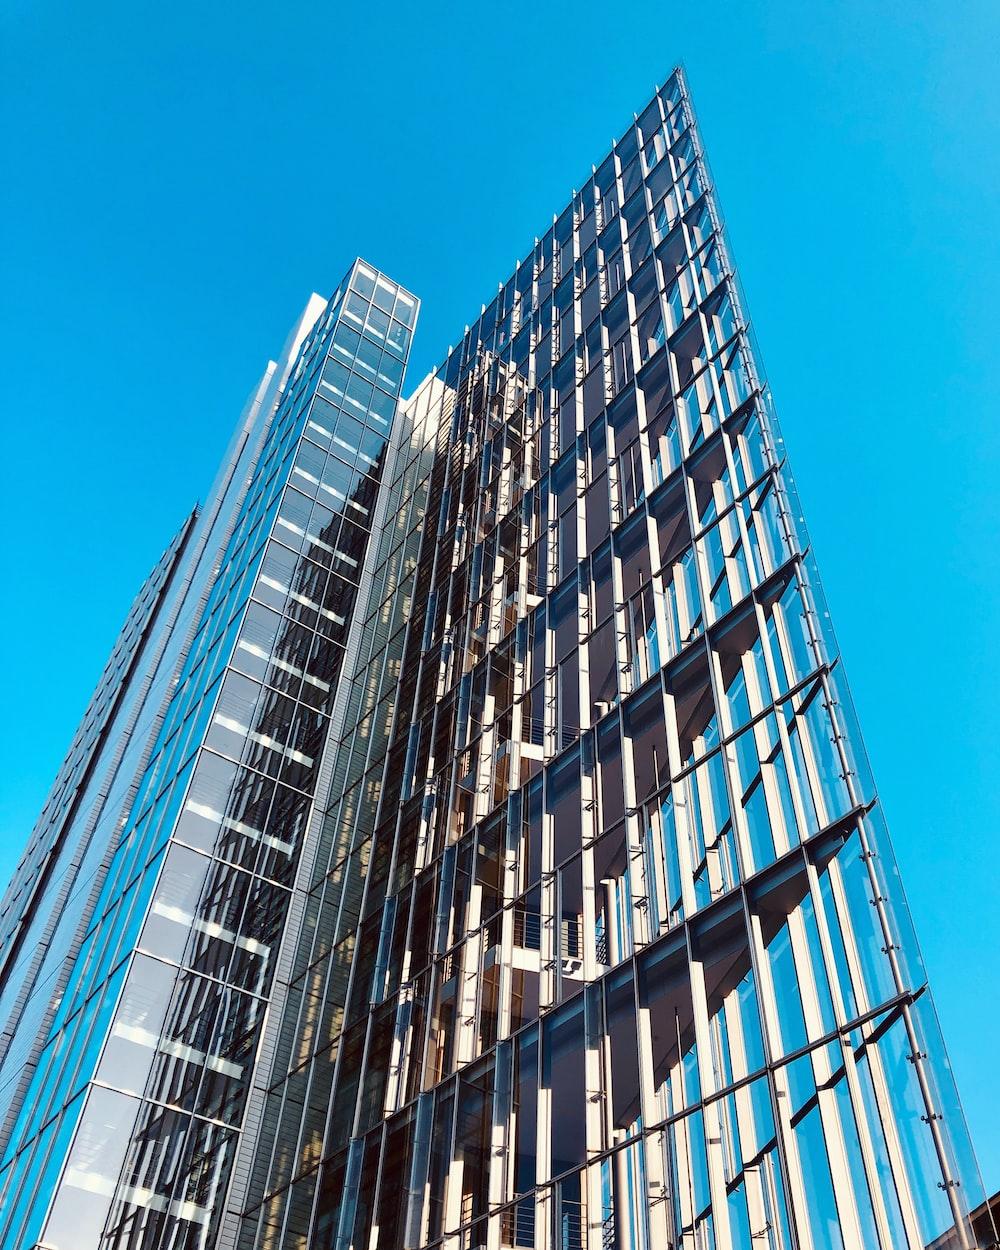 high-rise concrete buildings